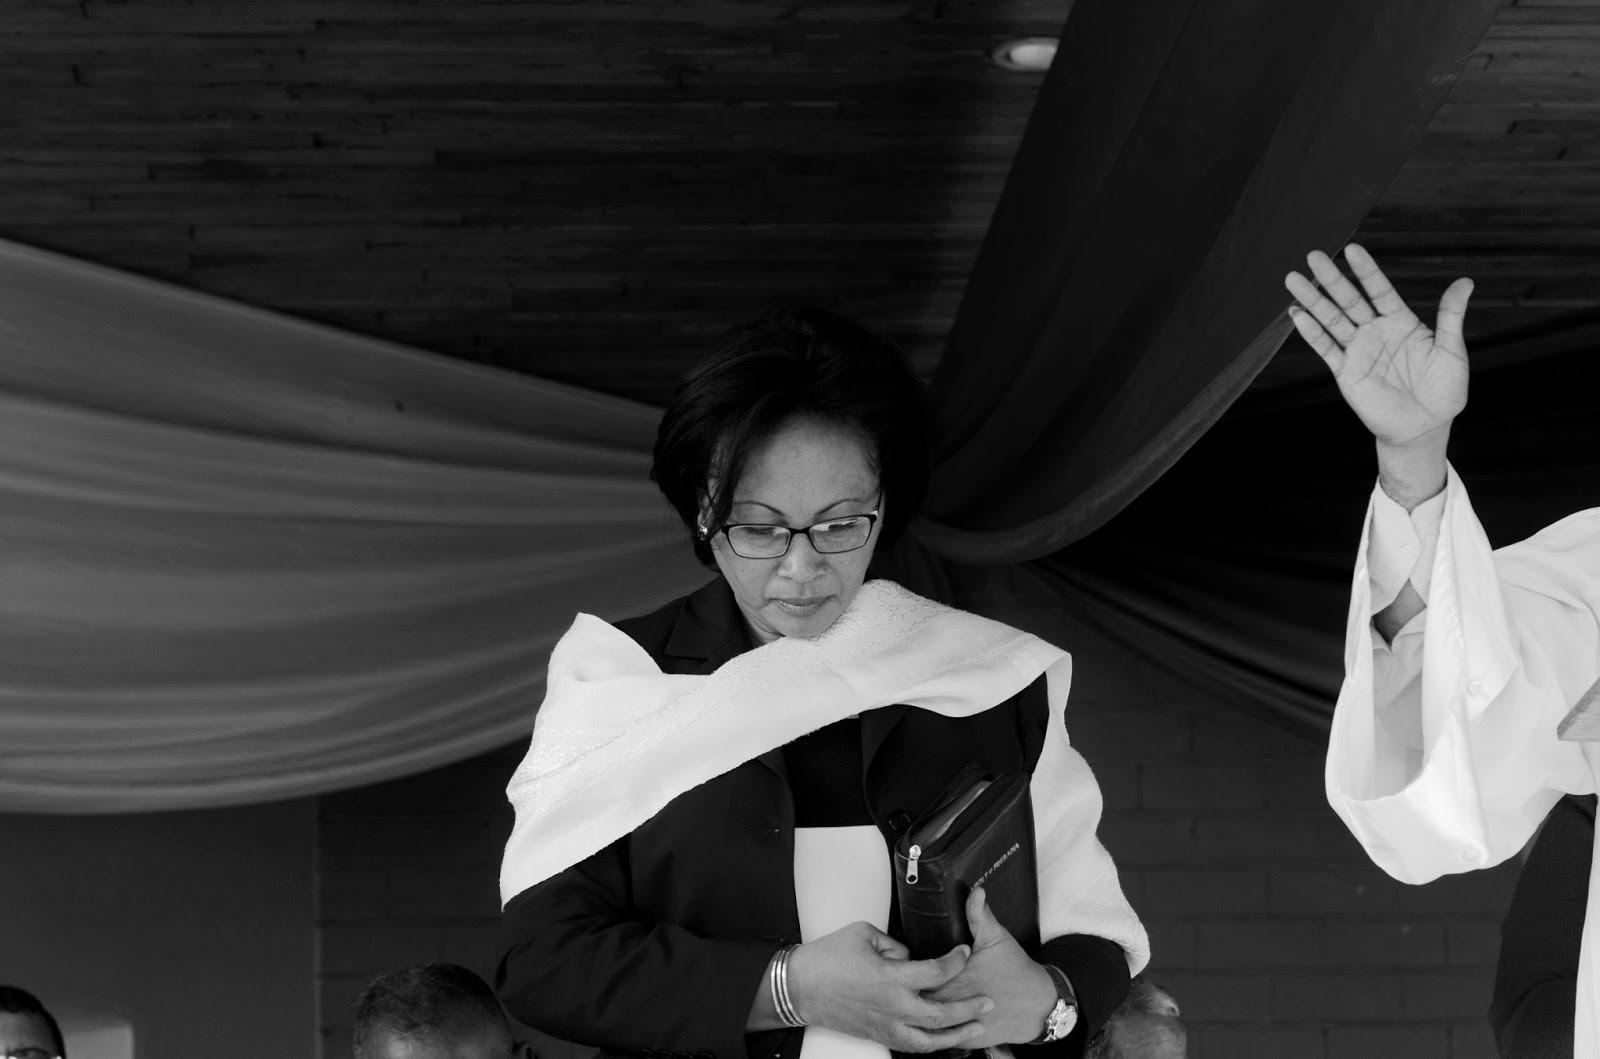 wHO's who? l'élection présidentielle à Madagascar en 18 photos  LALAO+ITAOSY+1+NB